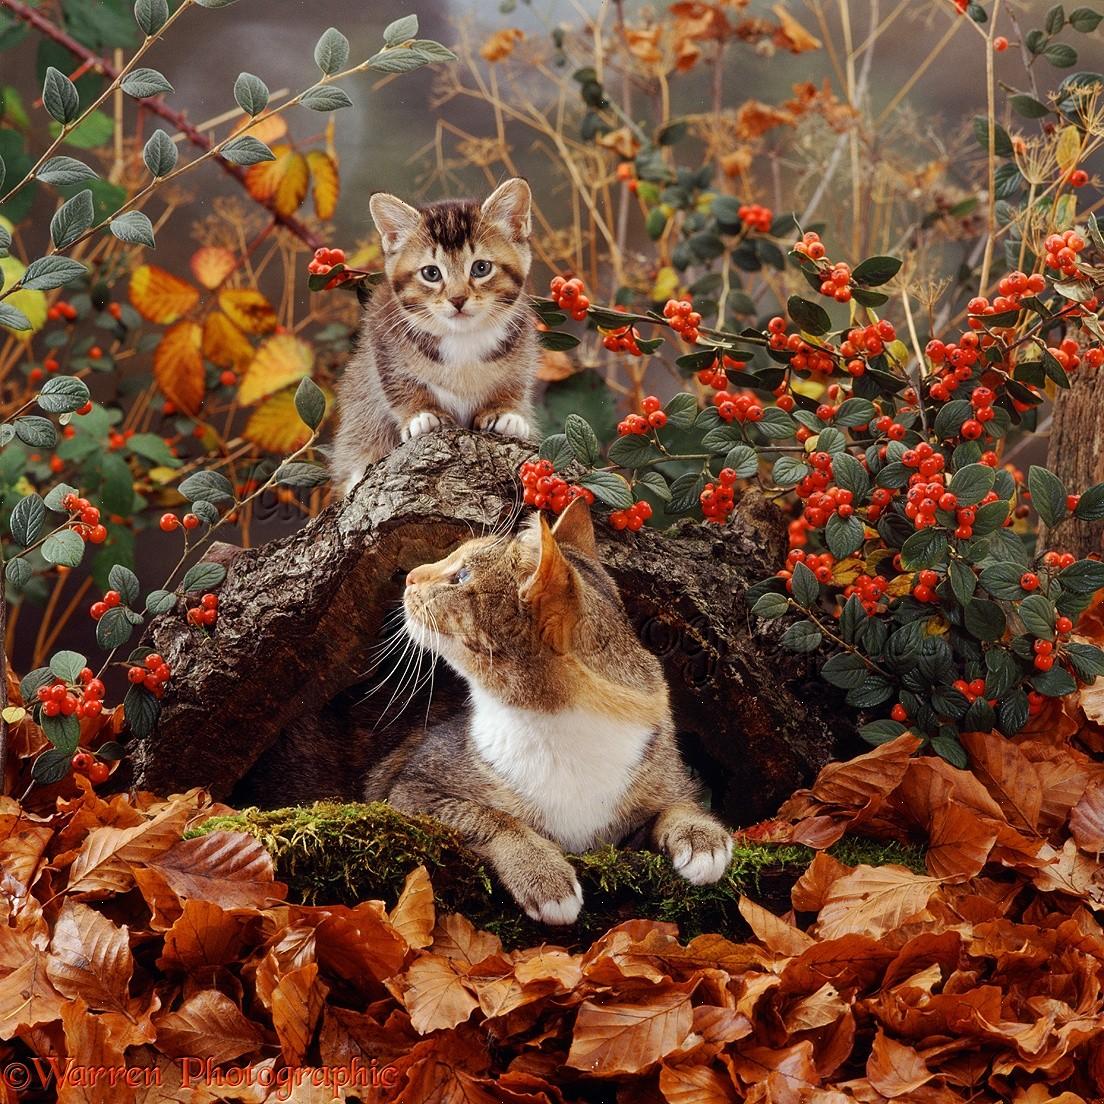 Cat And Kitten In Autumn Scene Photo WP12528